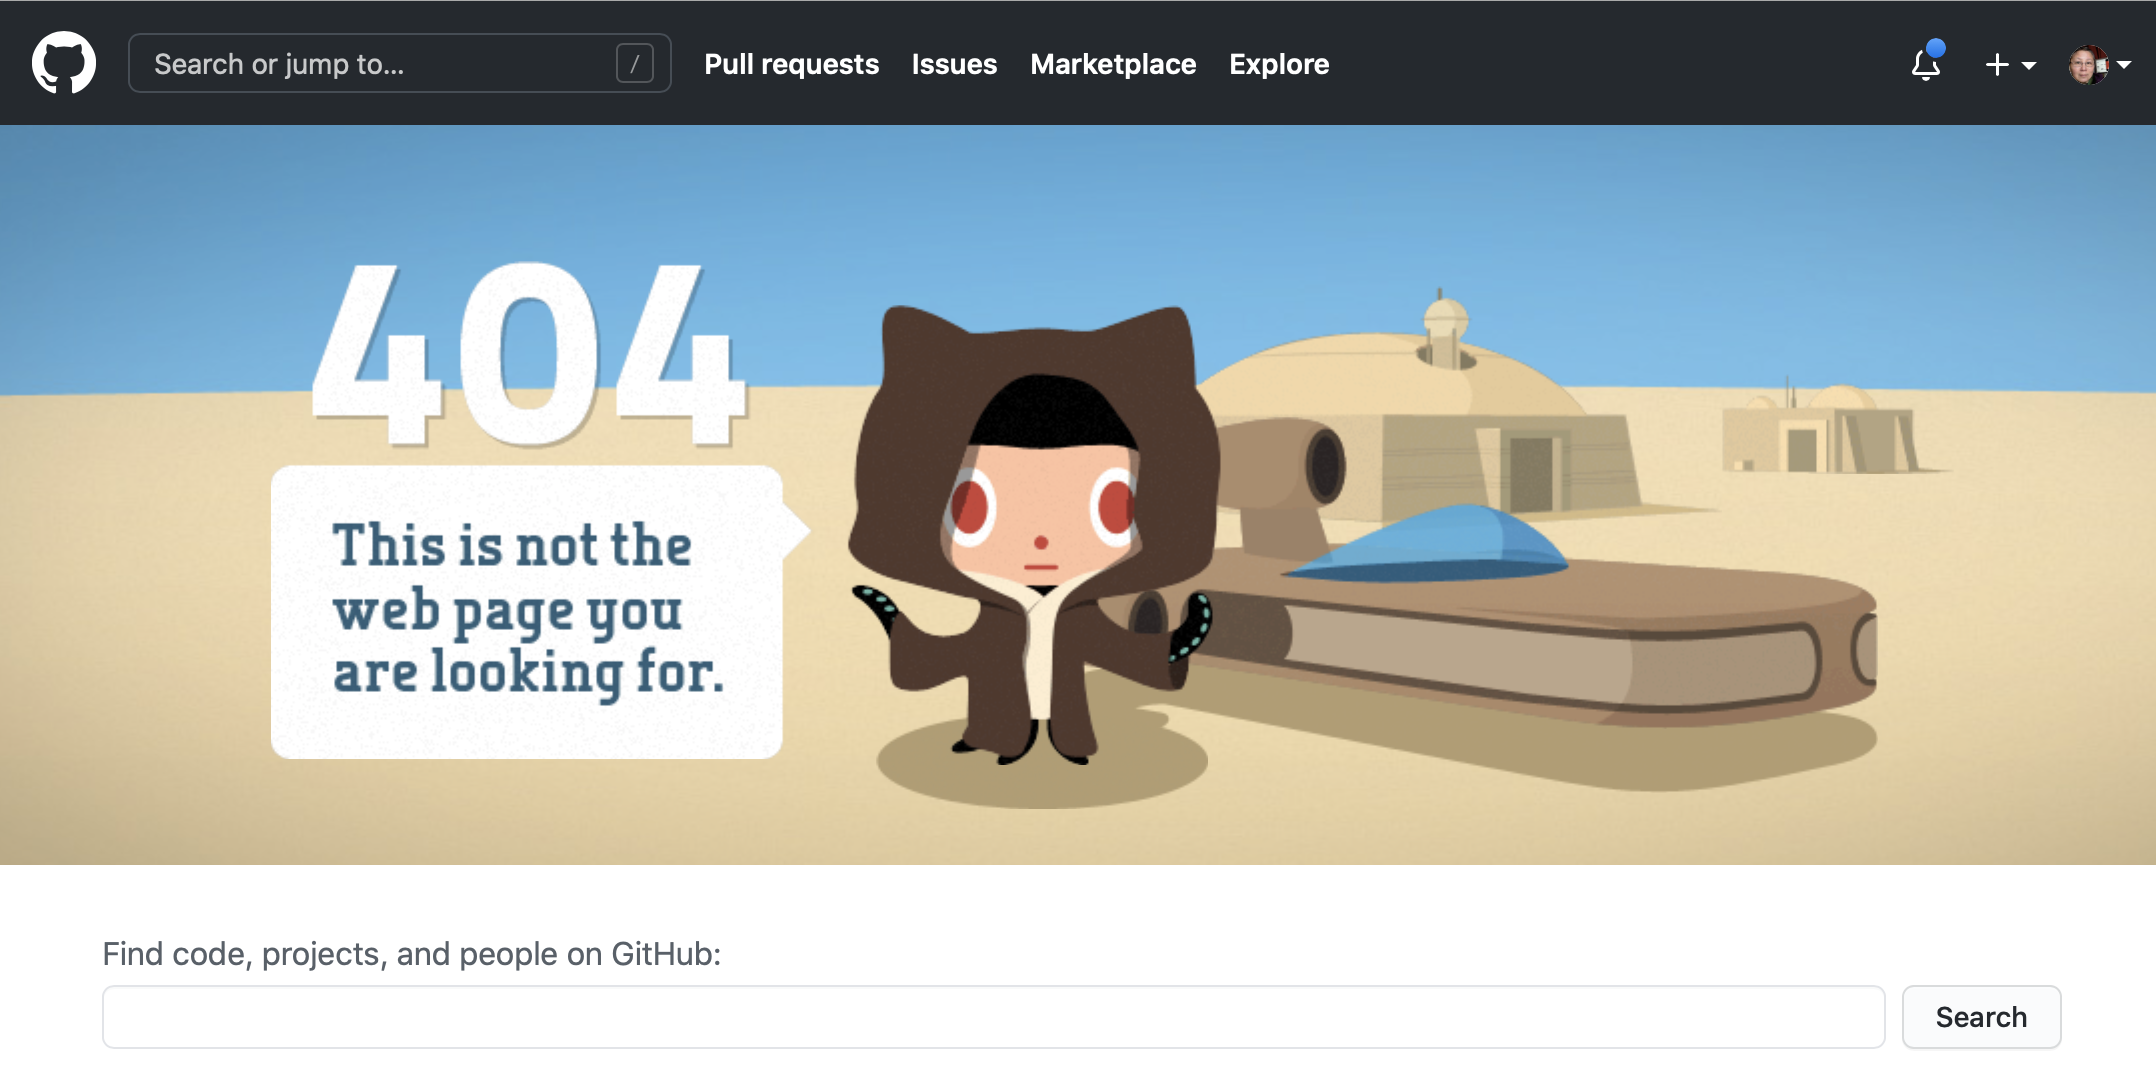 GitHub's 404 page